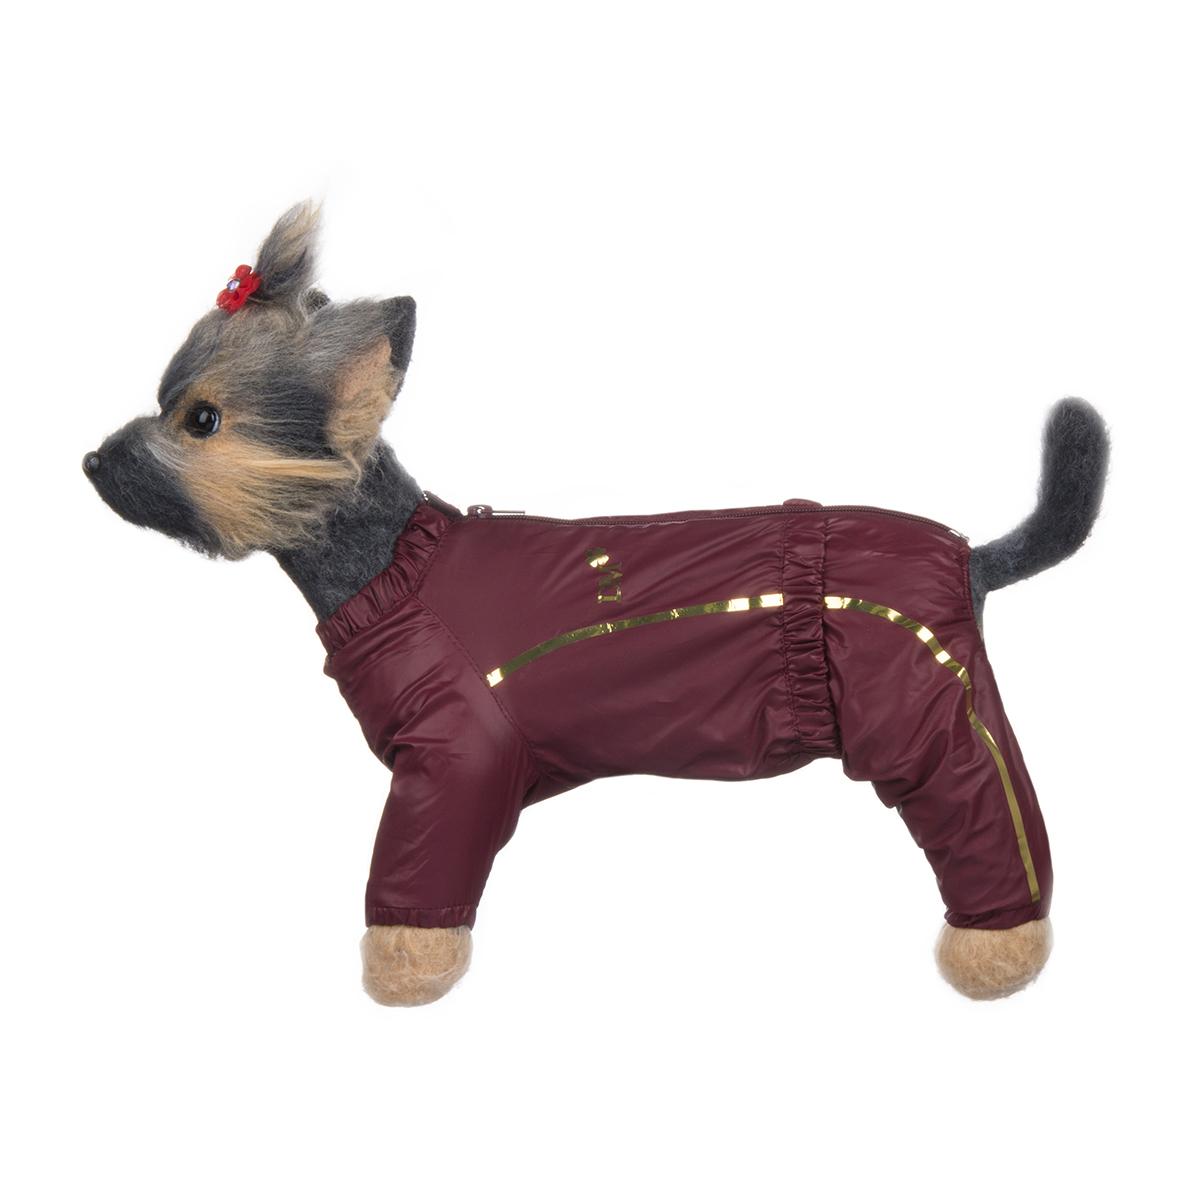 Комбинезон для собак Dogmoda Альпы, для девочки, цвет: бордовый. Размер 4 (XL)0120710Комбинезон для собак Dogmoda Альпы отлично подойдет для прогулок поздней осенью или ранней весной.Комбинезон изготовлен из полиэстера, защищающего от ветра и осадков, с подкладкой из флиса, которая сохранит тепло и обеспечит отличный воздухообмен. Комбинезон застегивается на молнию и липучку, благодаря чему его легко надевать и снимать. Ворот, низ рукавов и брючин оснащены внутренними резинками, которые мягко обхватывают шею и лапки, не позволяя просачиваться холодному воздуху. На пояснице имеется внутренняя резинка. Изделие декорировано золотистыми полосками и надписью DM.Благодаря такому комбинезону простуда не грозит вашему питомцу и он не даст любимцу продрогнуть на прогулке.